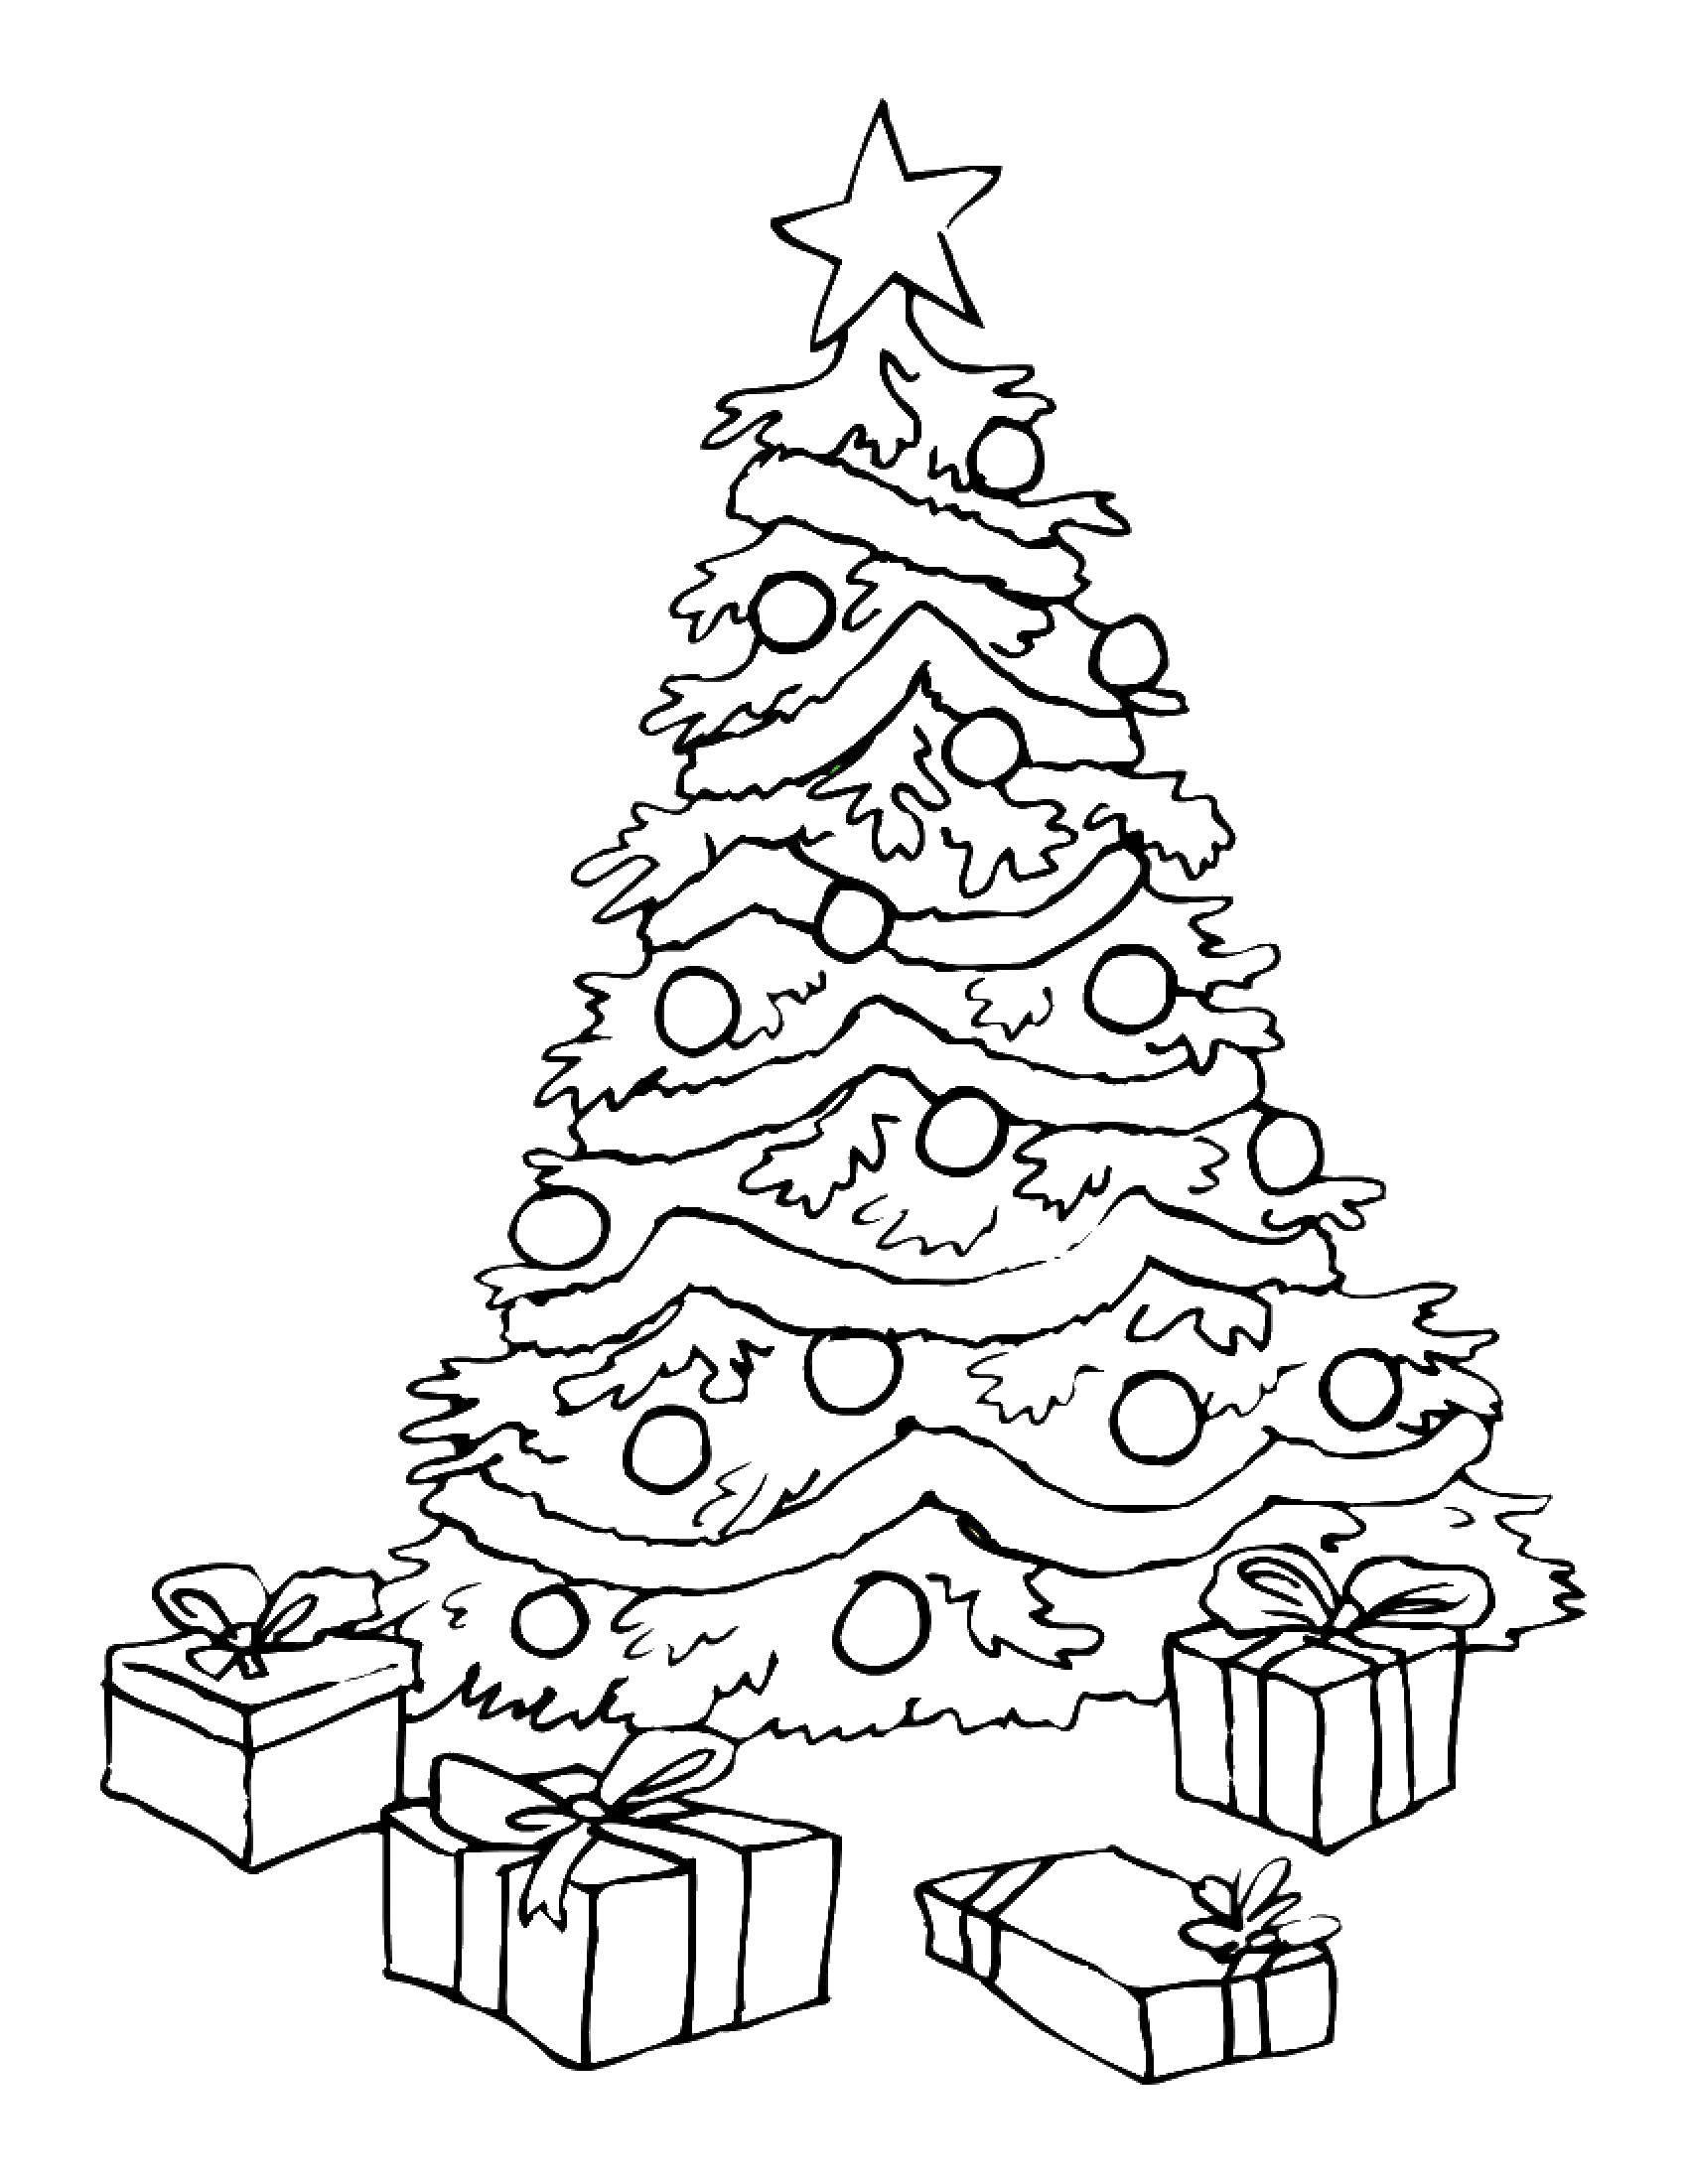 Раскраска Рождественская елка Скачать рождество, ребенок, елка.  Распечатать ,рождество,